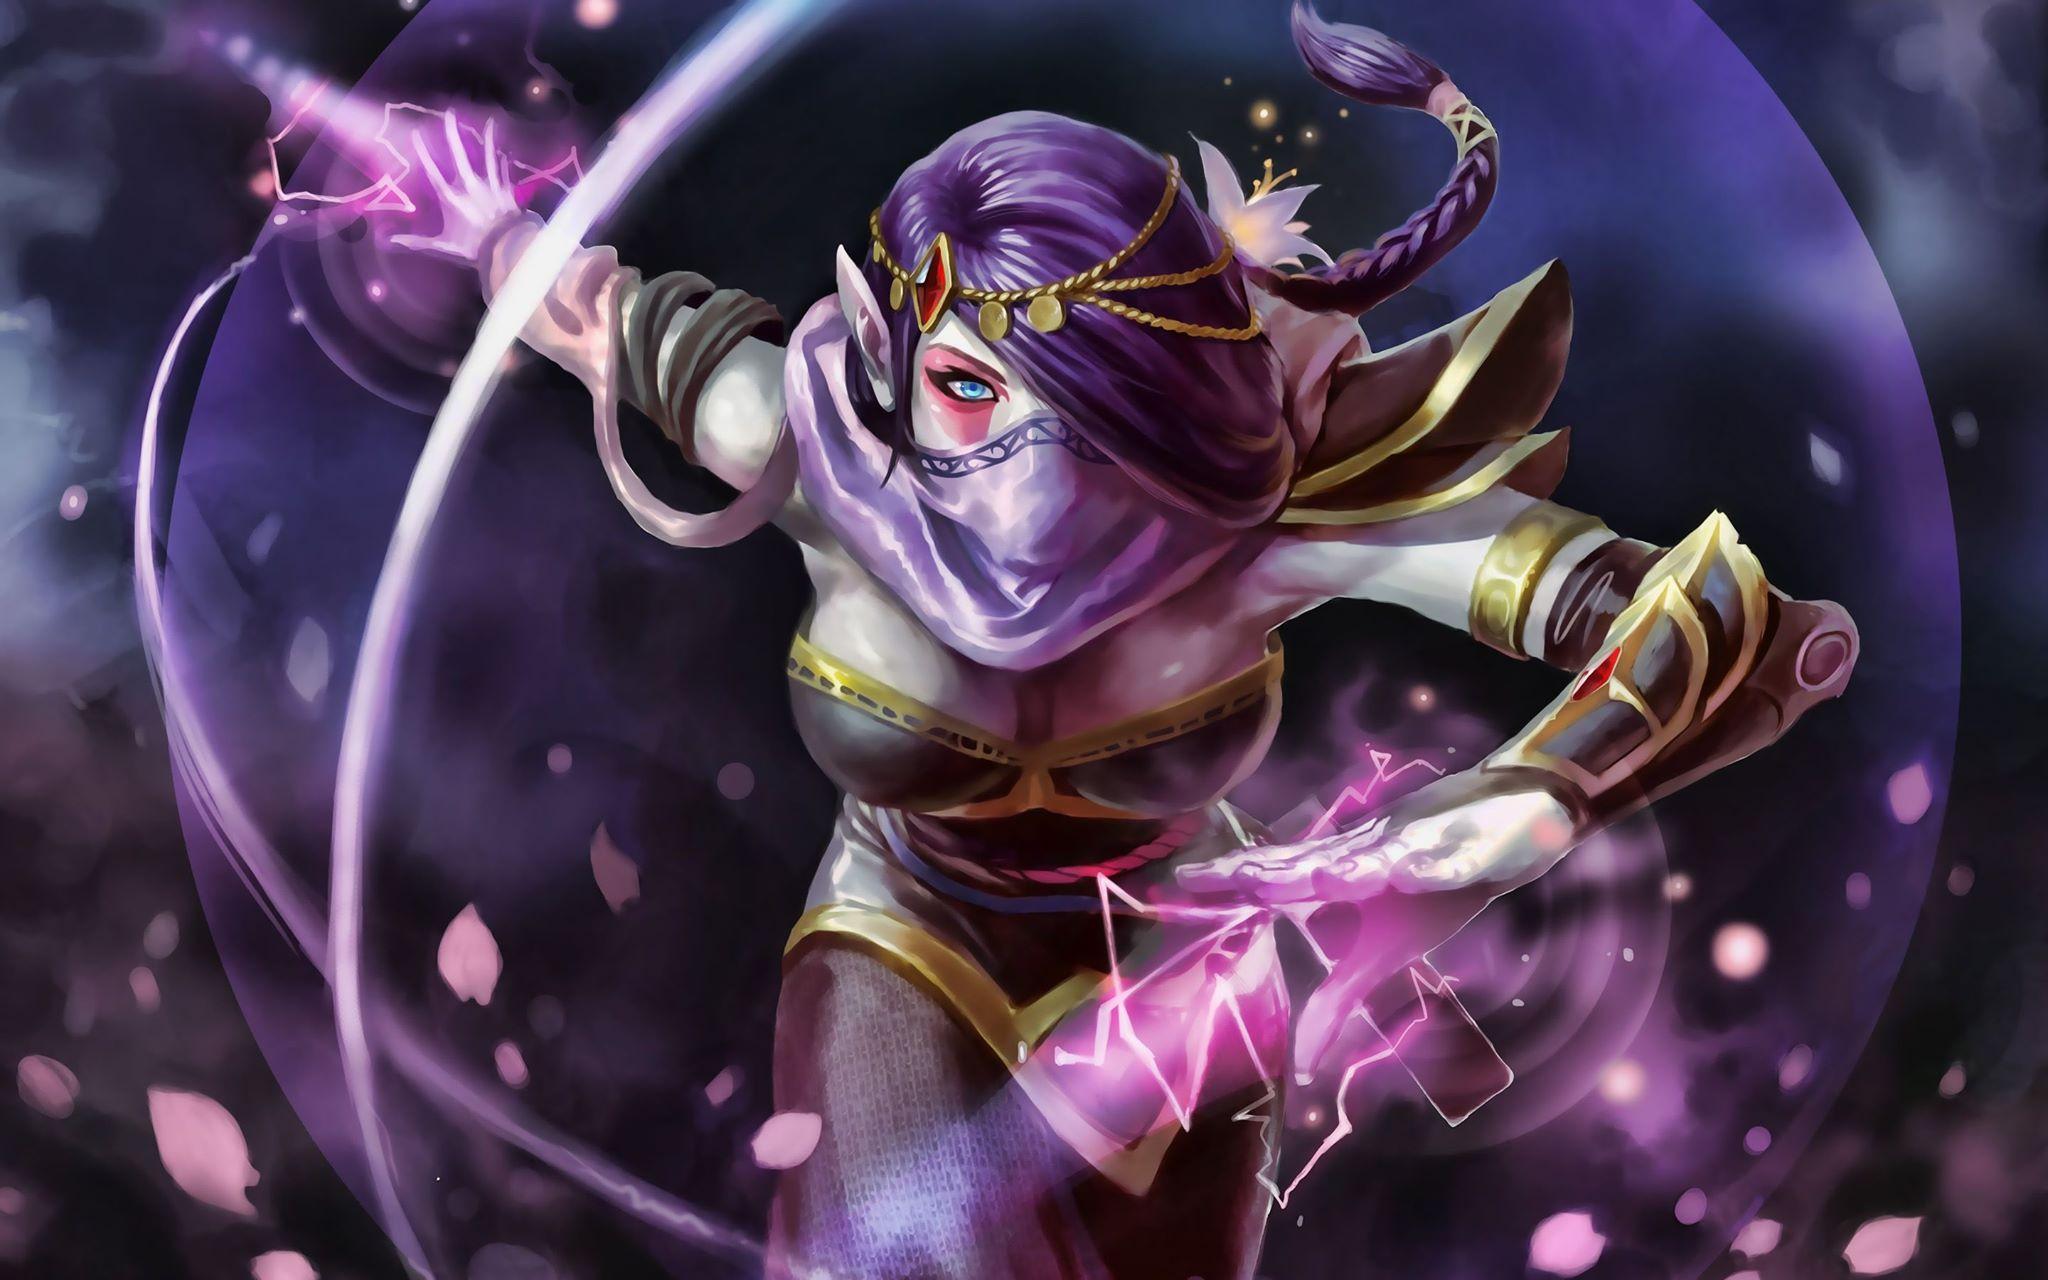 Top 10 Nữ Hero có nhan sắc đẹp nhất Dota 2 (phần 2) (Ảnh 9)